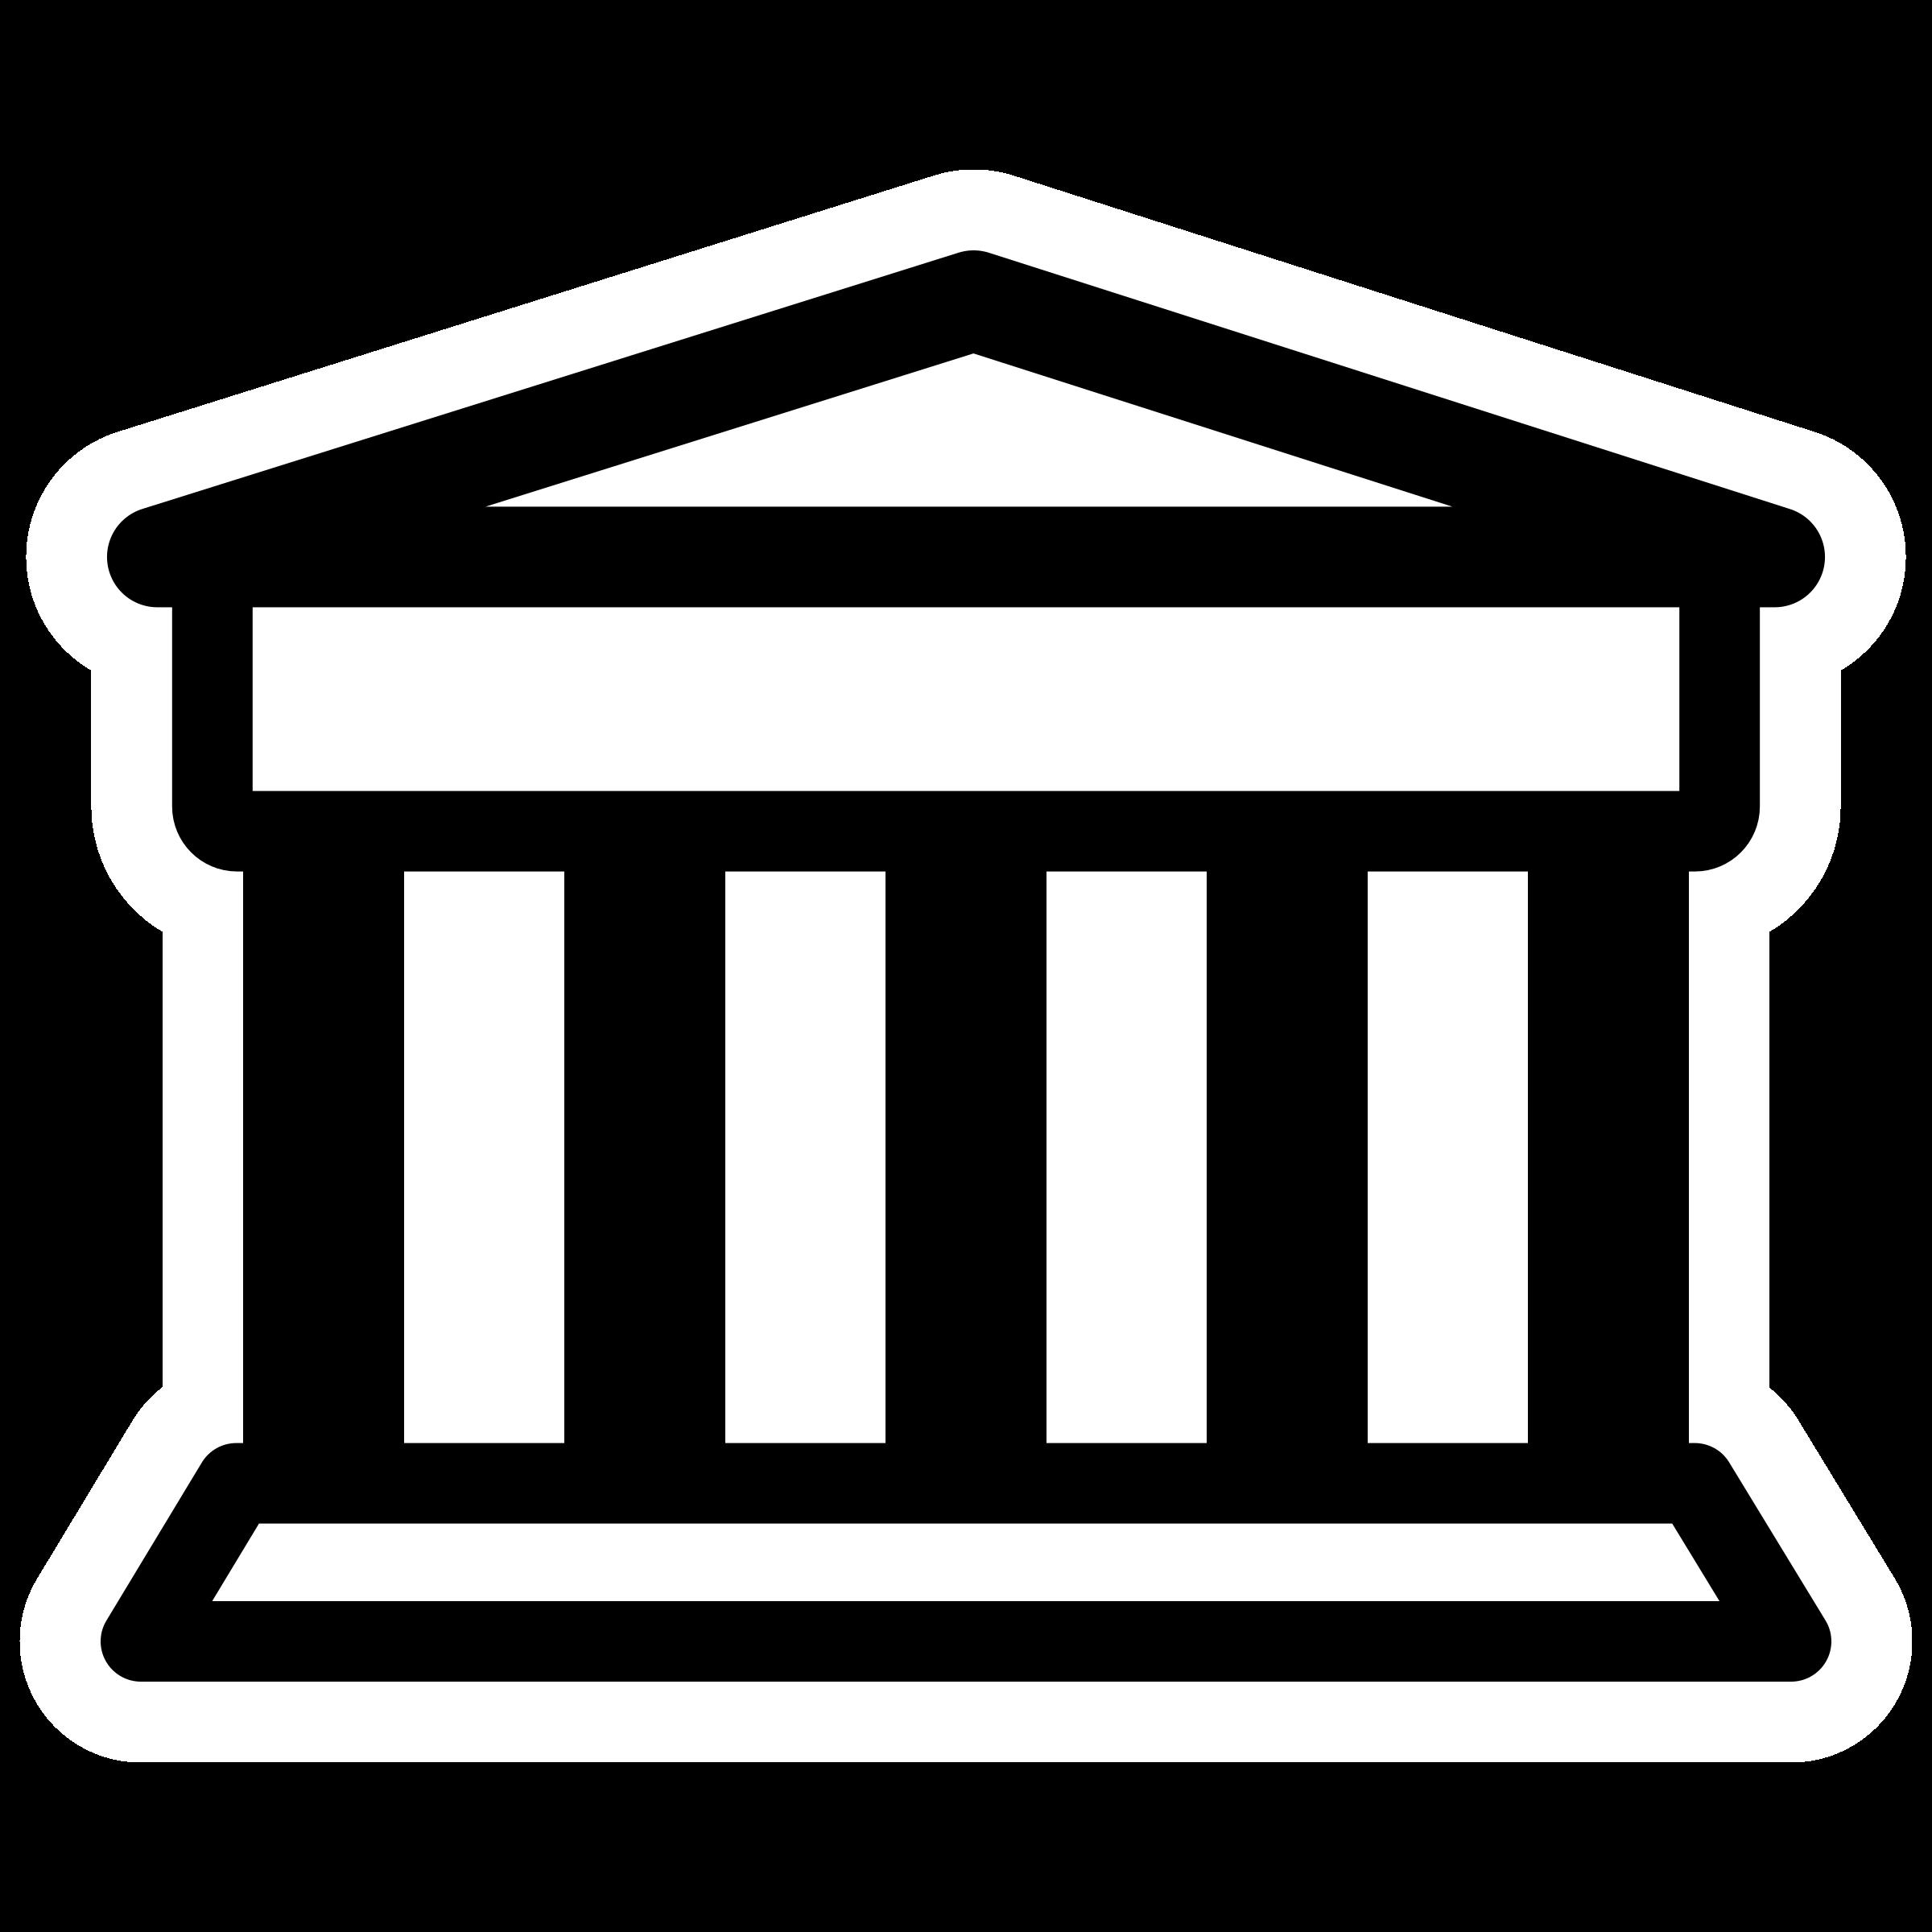 Clipart mono bank